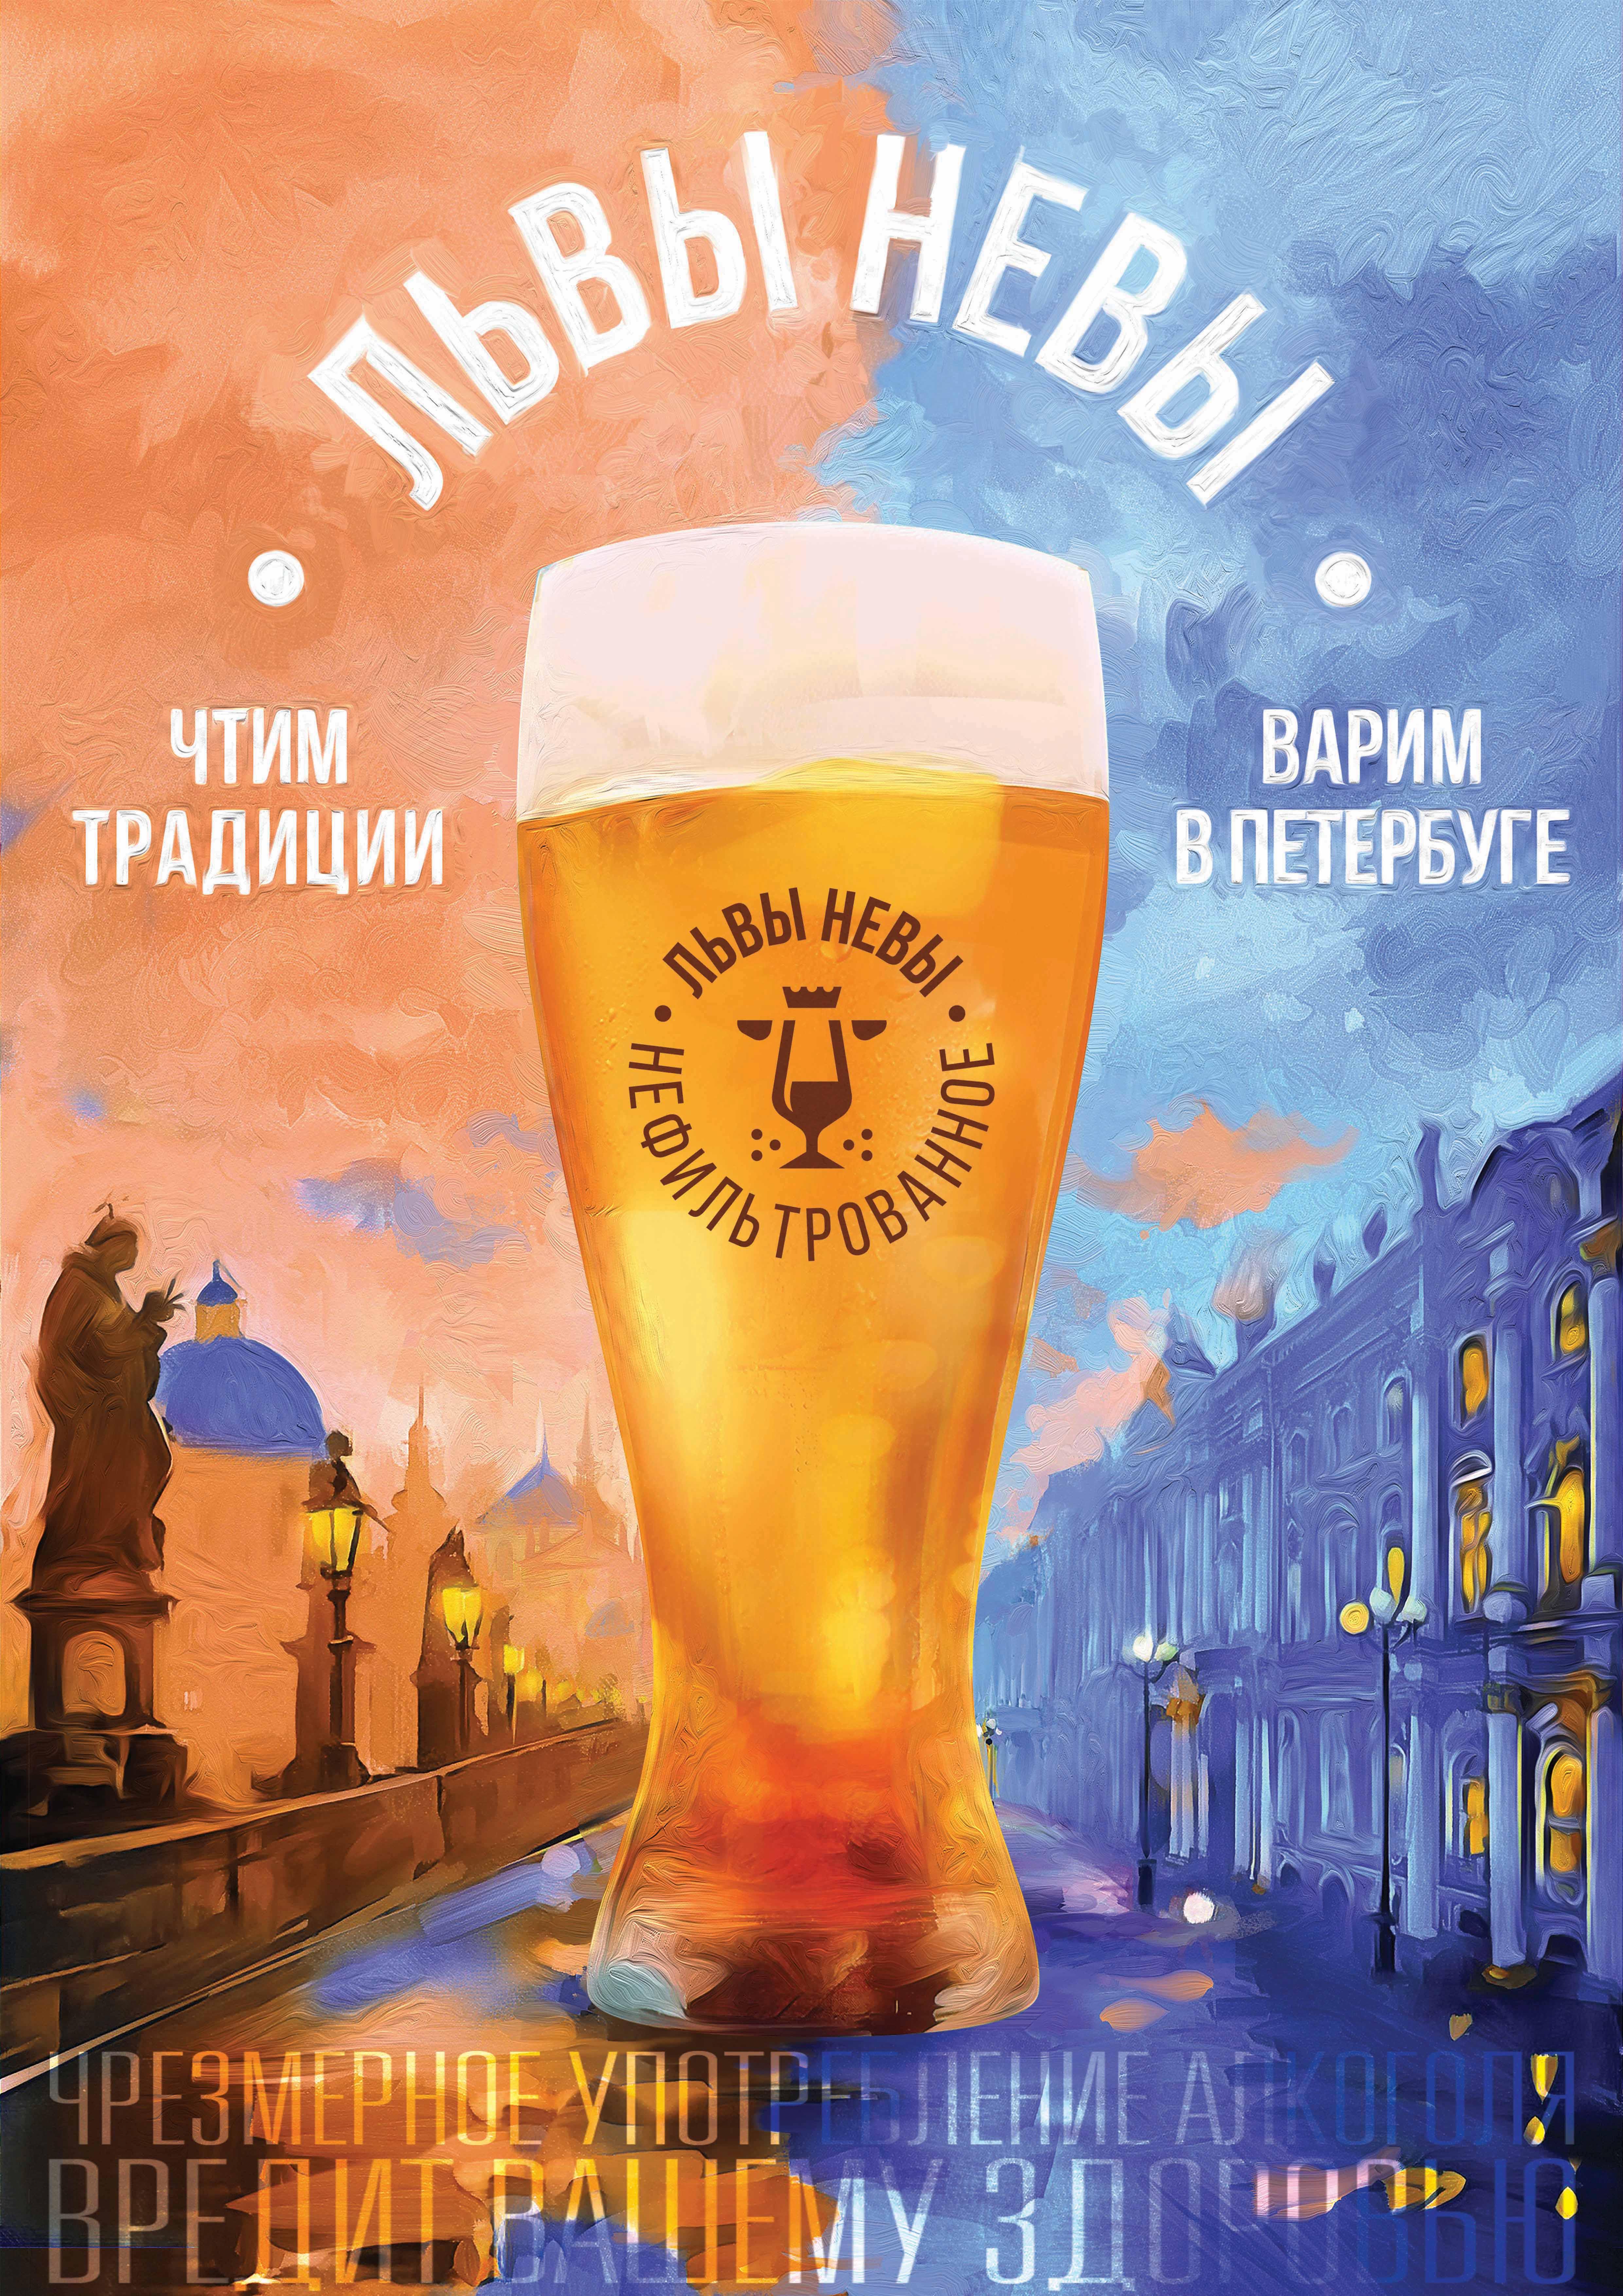 Россия. Carlsberg Group открывает в Петербурге «Пивное Ателье»  и запускает новый бренд разливного пива — «Львы Невы»